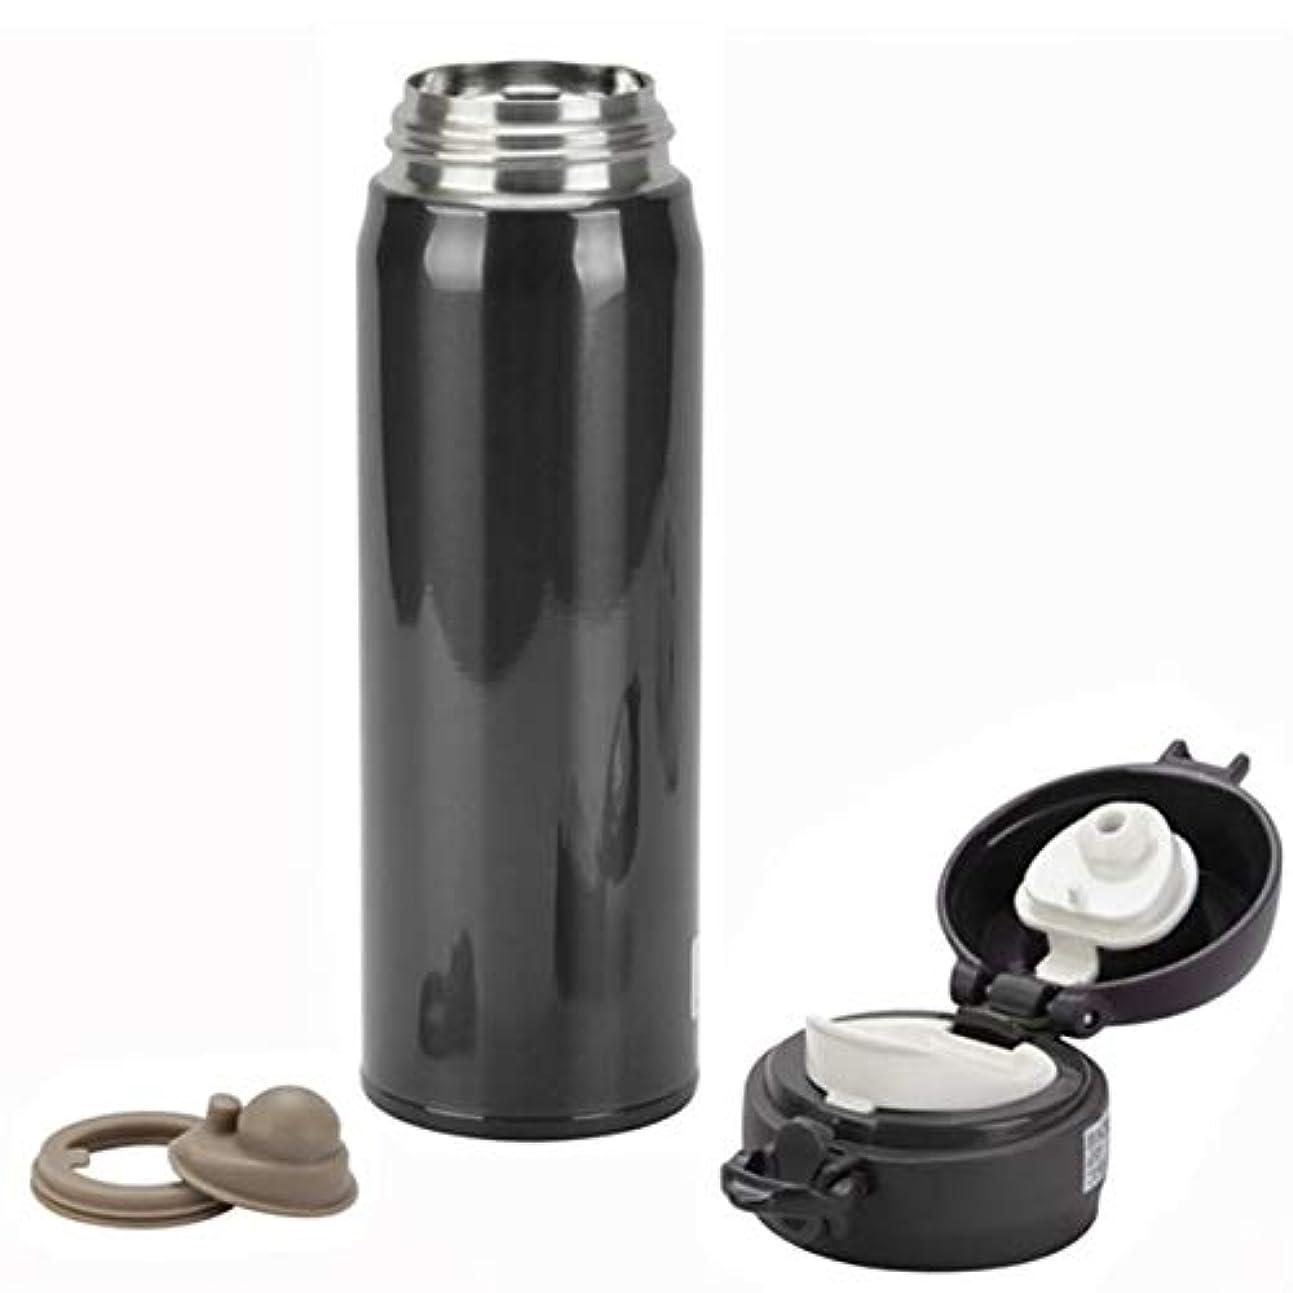 エンドテーブル平野不従順Saikogoods 真空カップ 450ミリリットル ステンレス鋼 ウォーターボトル 飲料ボトル 断熱カップ ポットを保つ運動をする ソリッドカラー シンプルなデザイン 黒